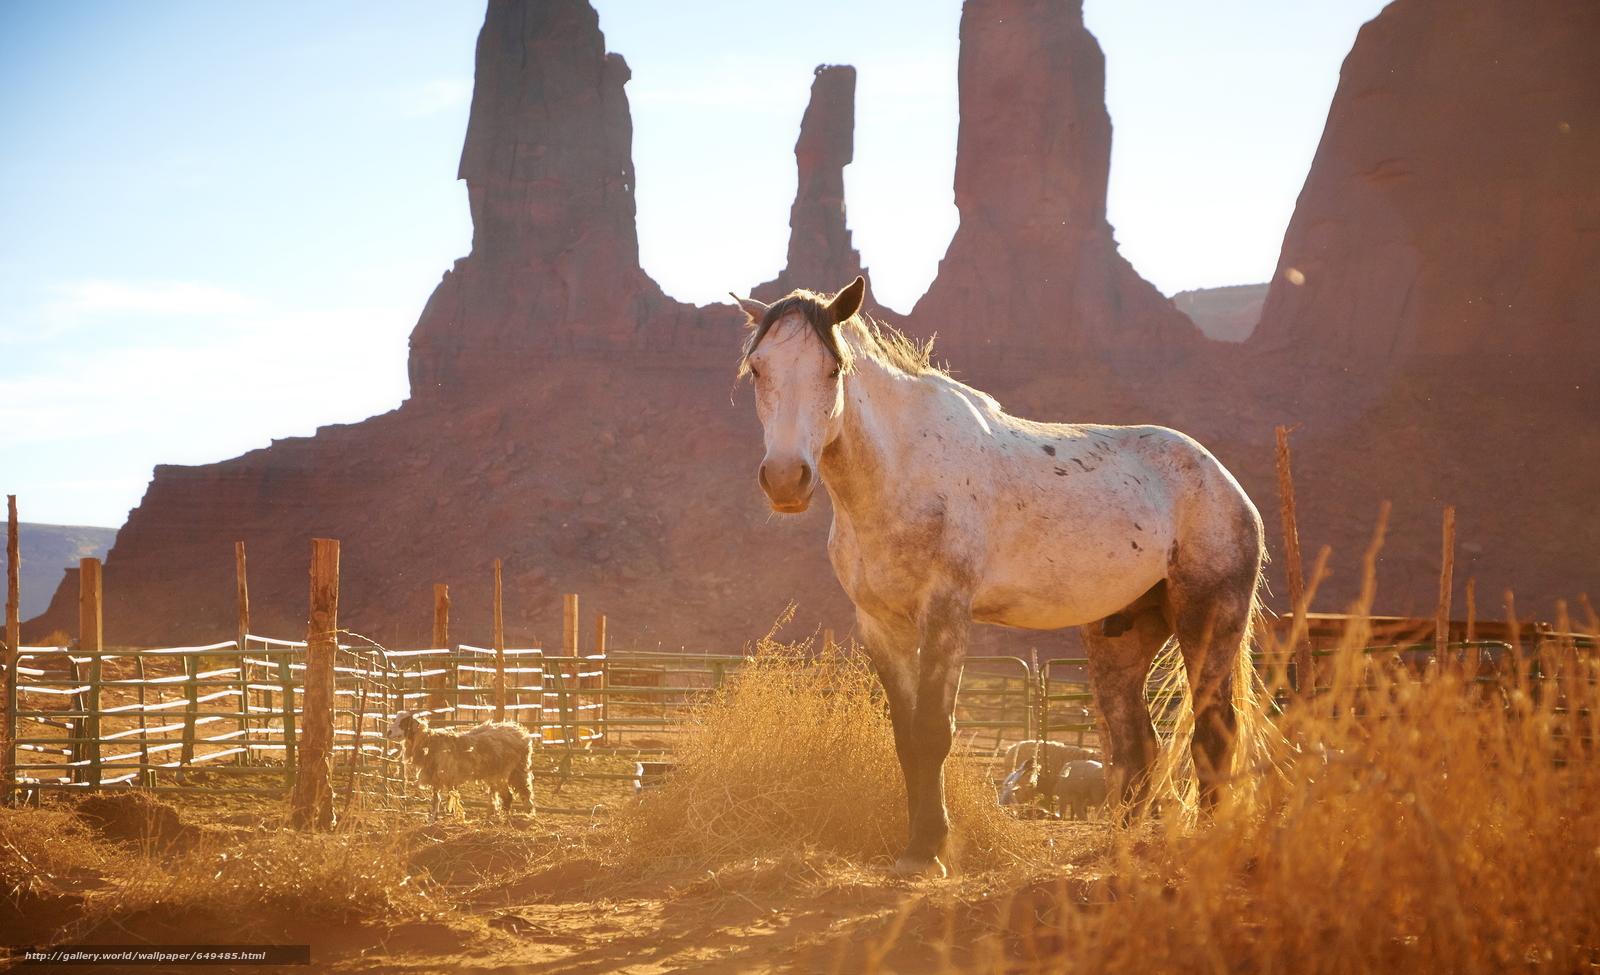 Скачать обои лошадь,  конь,  лошади,  кони бесплатно для рабочего стола в разрешении 3840x2341 — картинка №649485